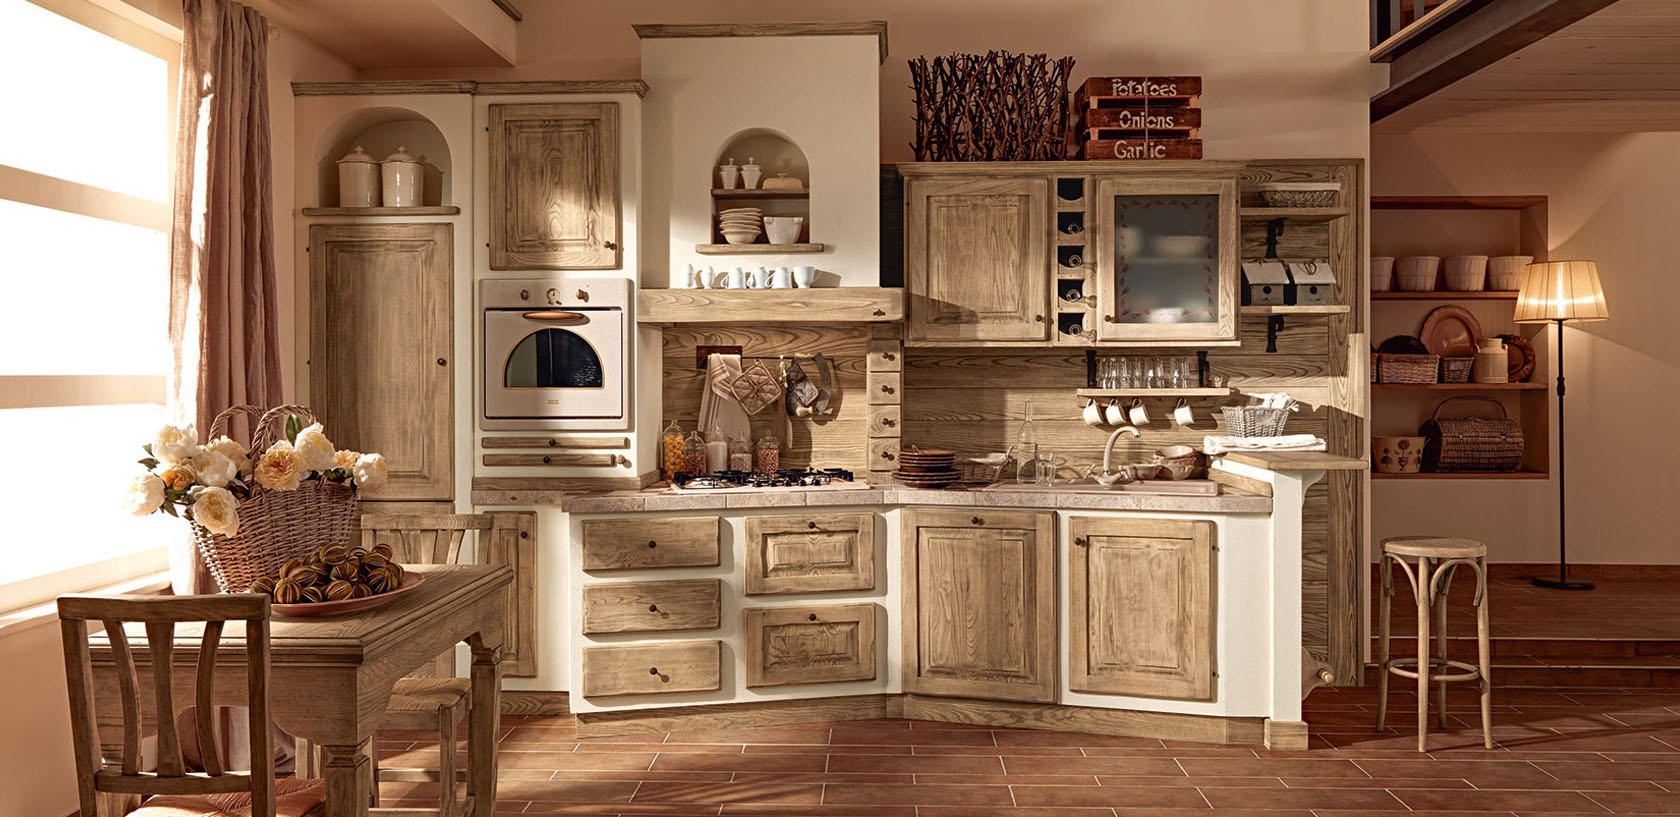 Zappalorto cucine provenzali - Cucine provenzali moderne ...